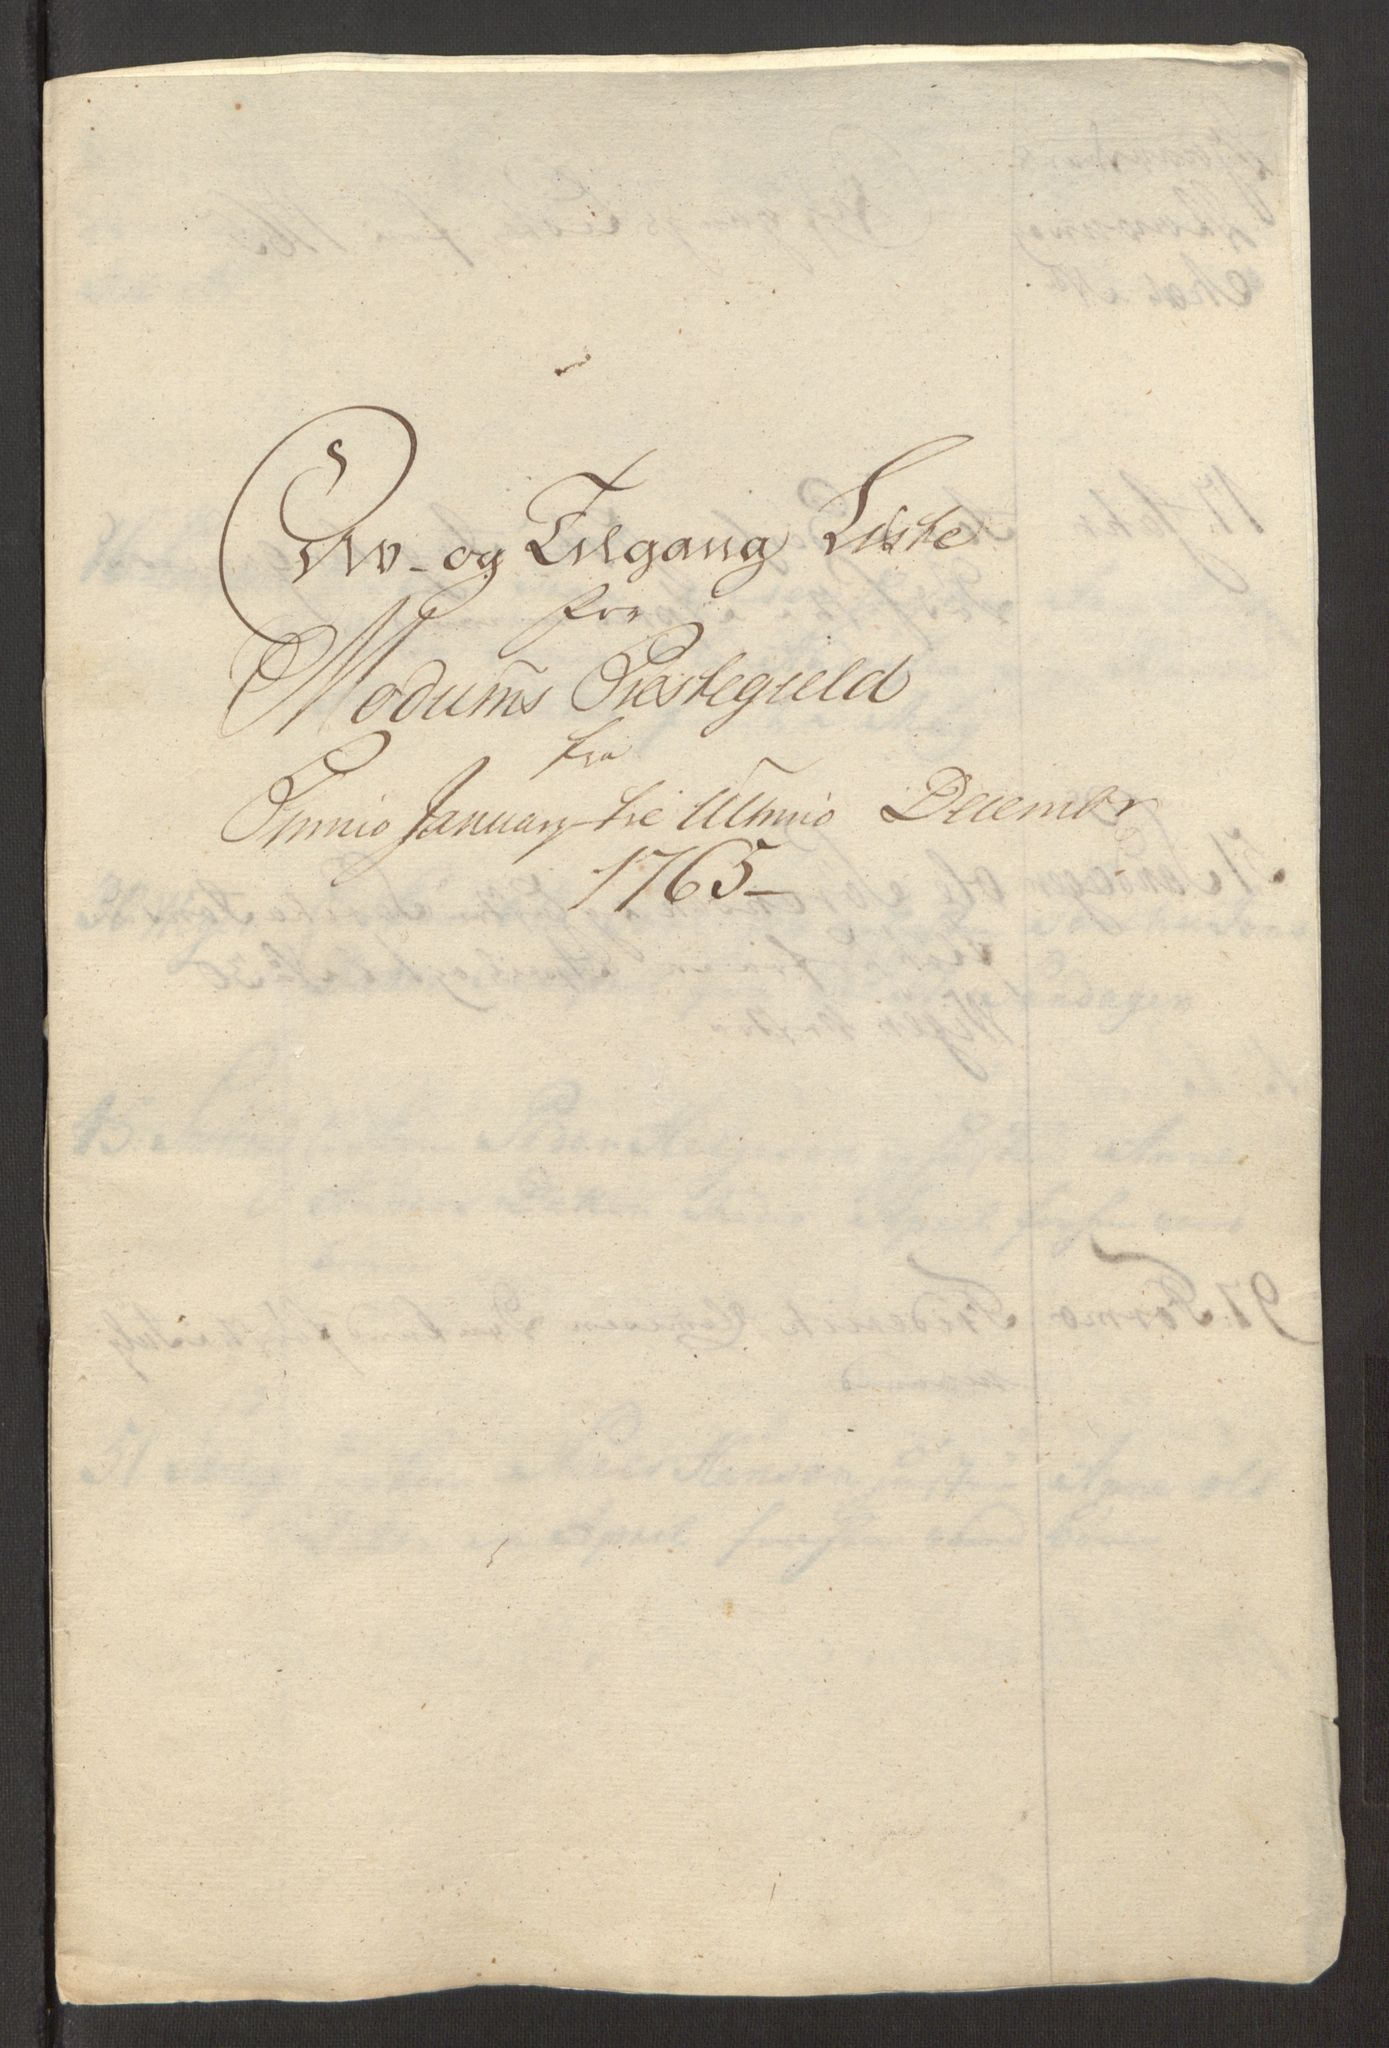 RA, Rentekammeret inntil 1814, Reviderte regnskaper, Fogderegnskap, R31/L1834: Ekstraskatten Hurum, Røyken, Eiker, Lier og Buskerud, 1765, s. 429